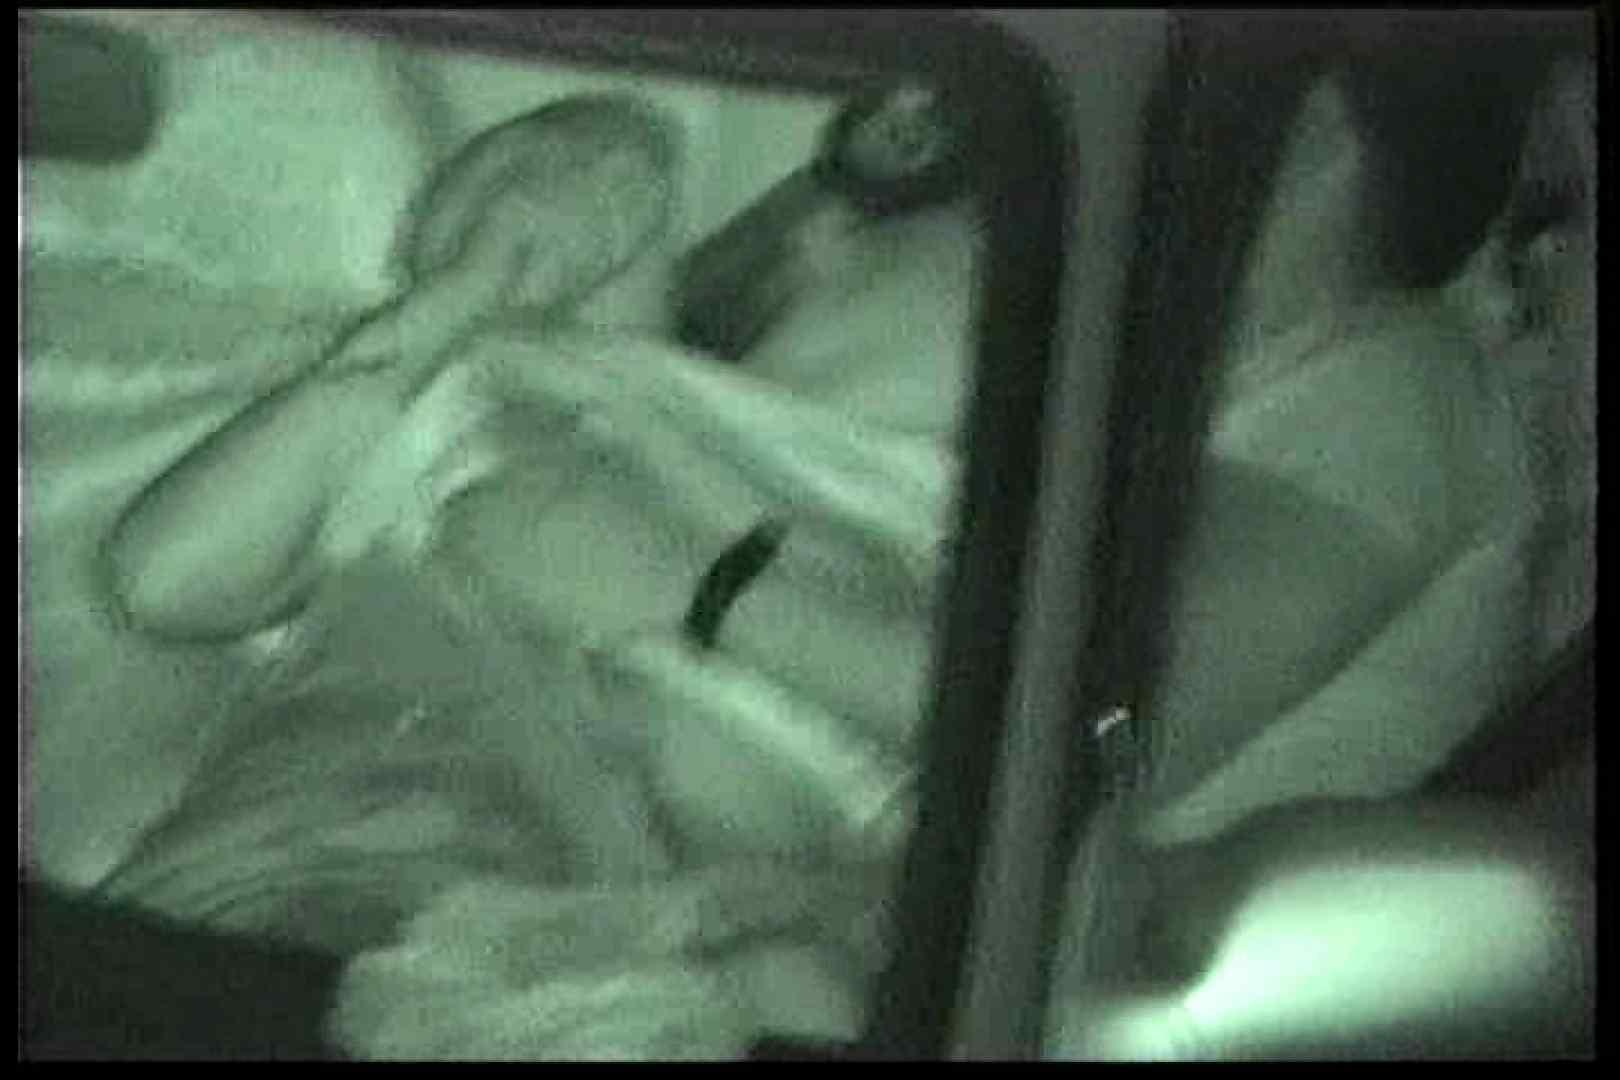 車の中はラブホテル 無修正版  Vol.11 車中はめどり スケベ動画紹介 86画像 43